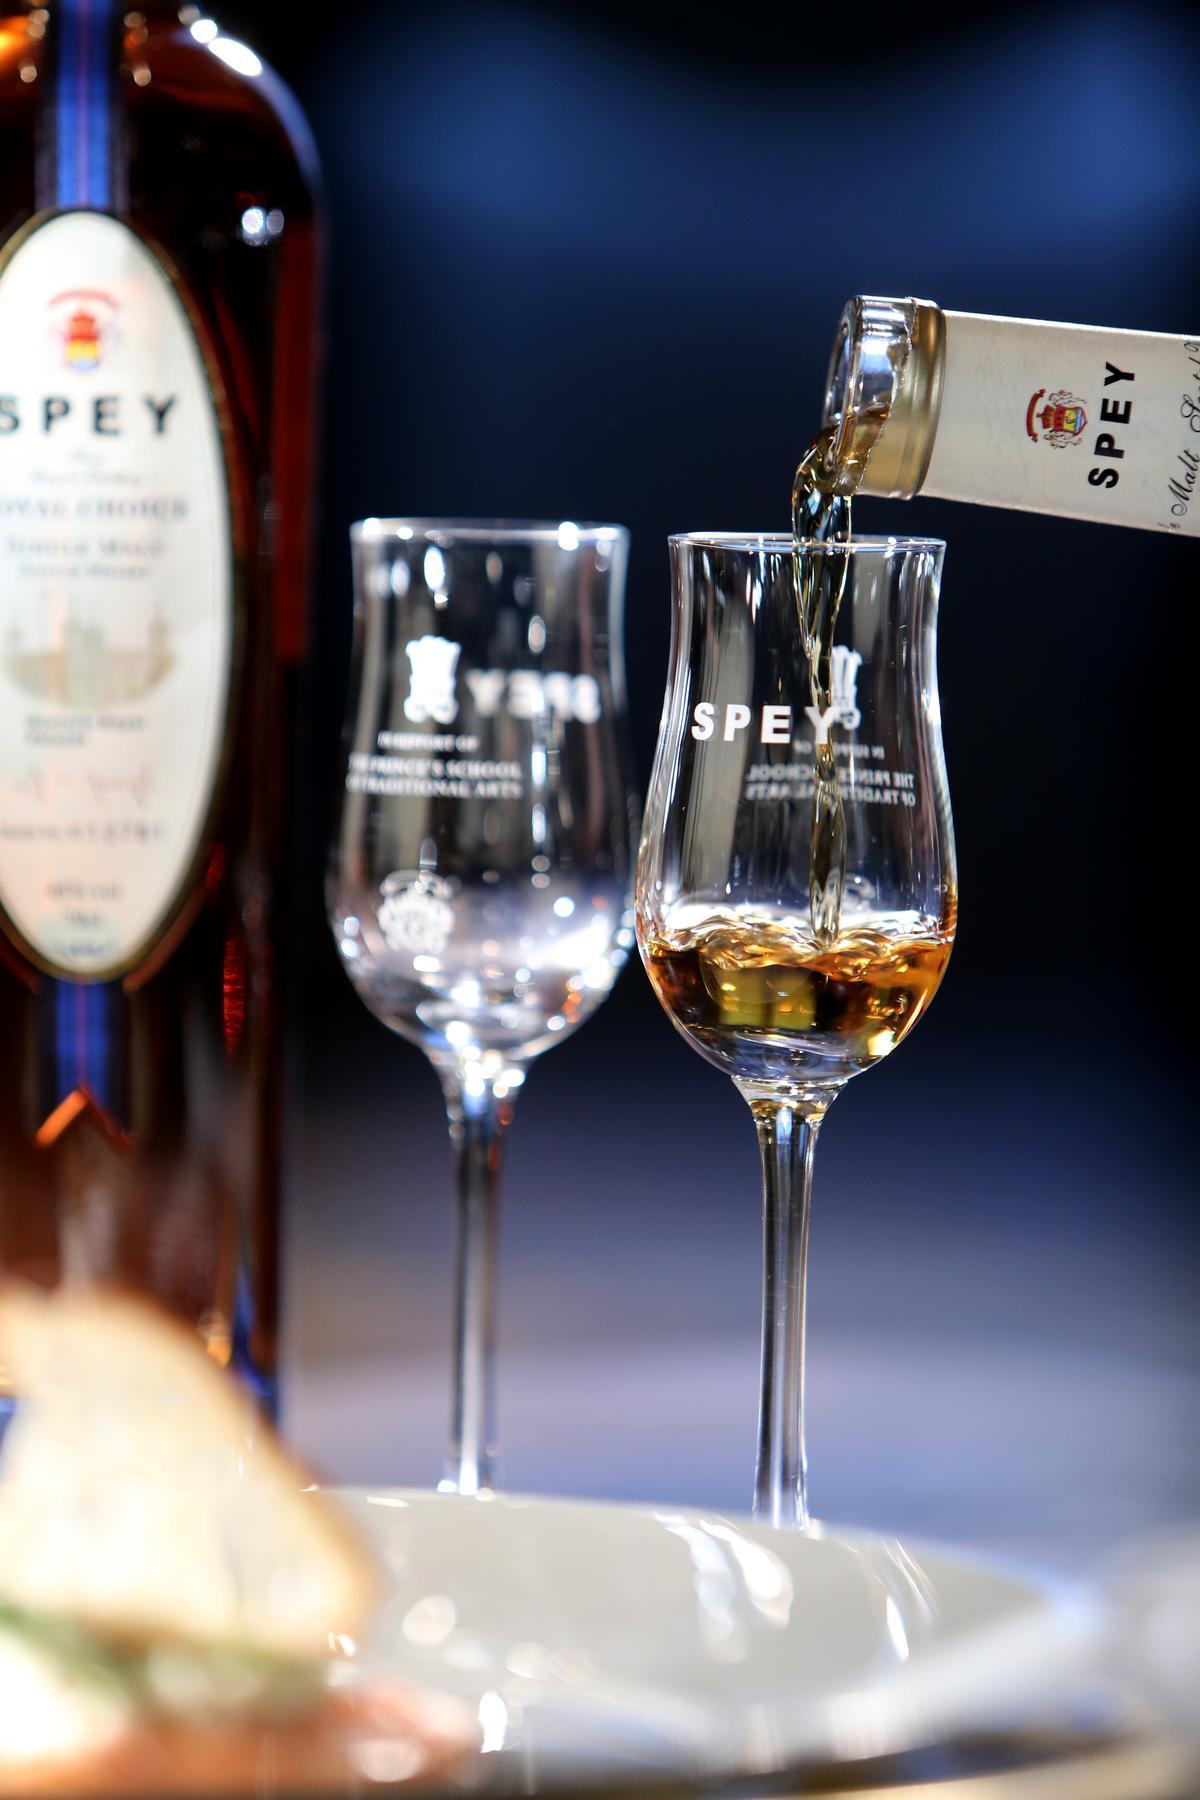 威士忌是英國重要經濟文化資產,SPEY是唯一獲得英國皇室認可,授權使用英女皇慈善基金會商標的單一純麥威士忌品牌。